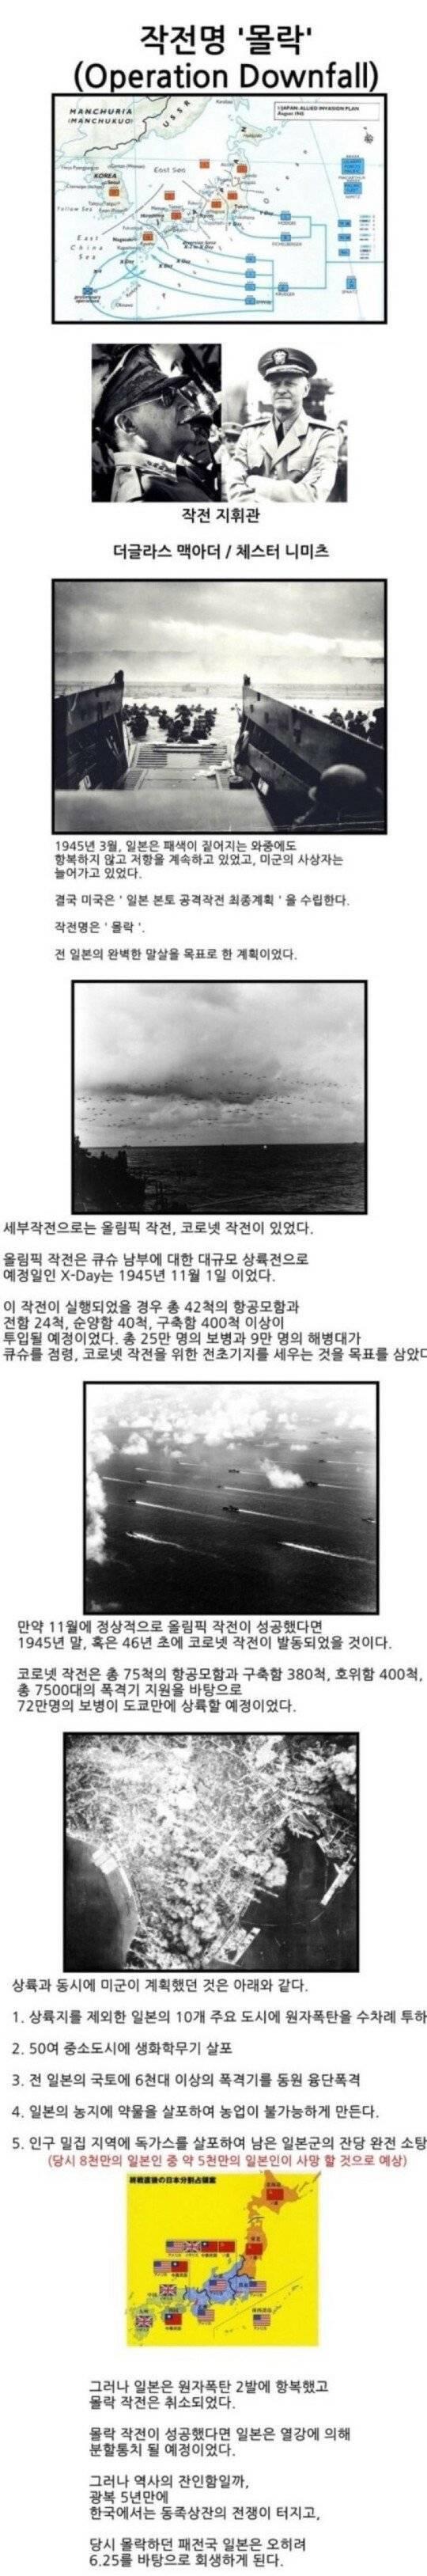 2차 세계대전에서 일본이 항복하지 않았다면 실행되었을 작전 | 인스티즈